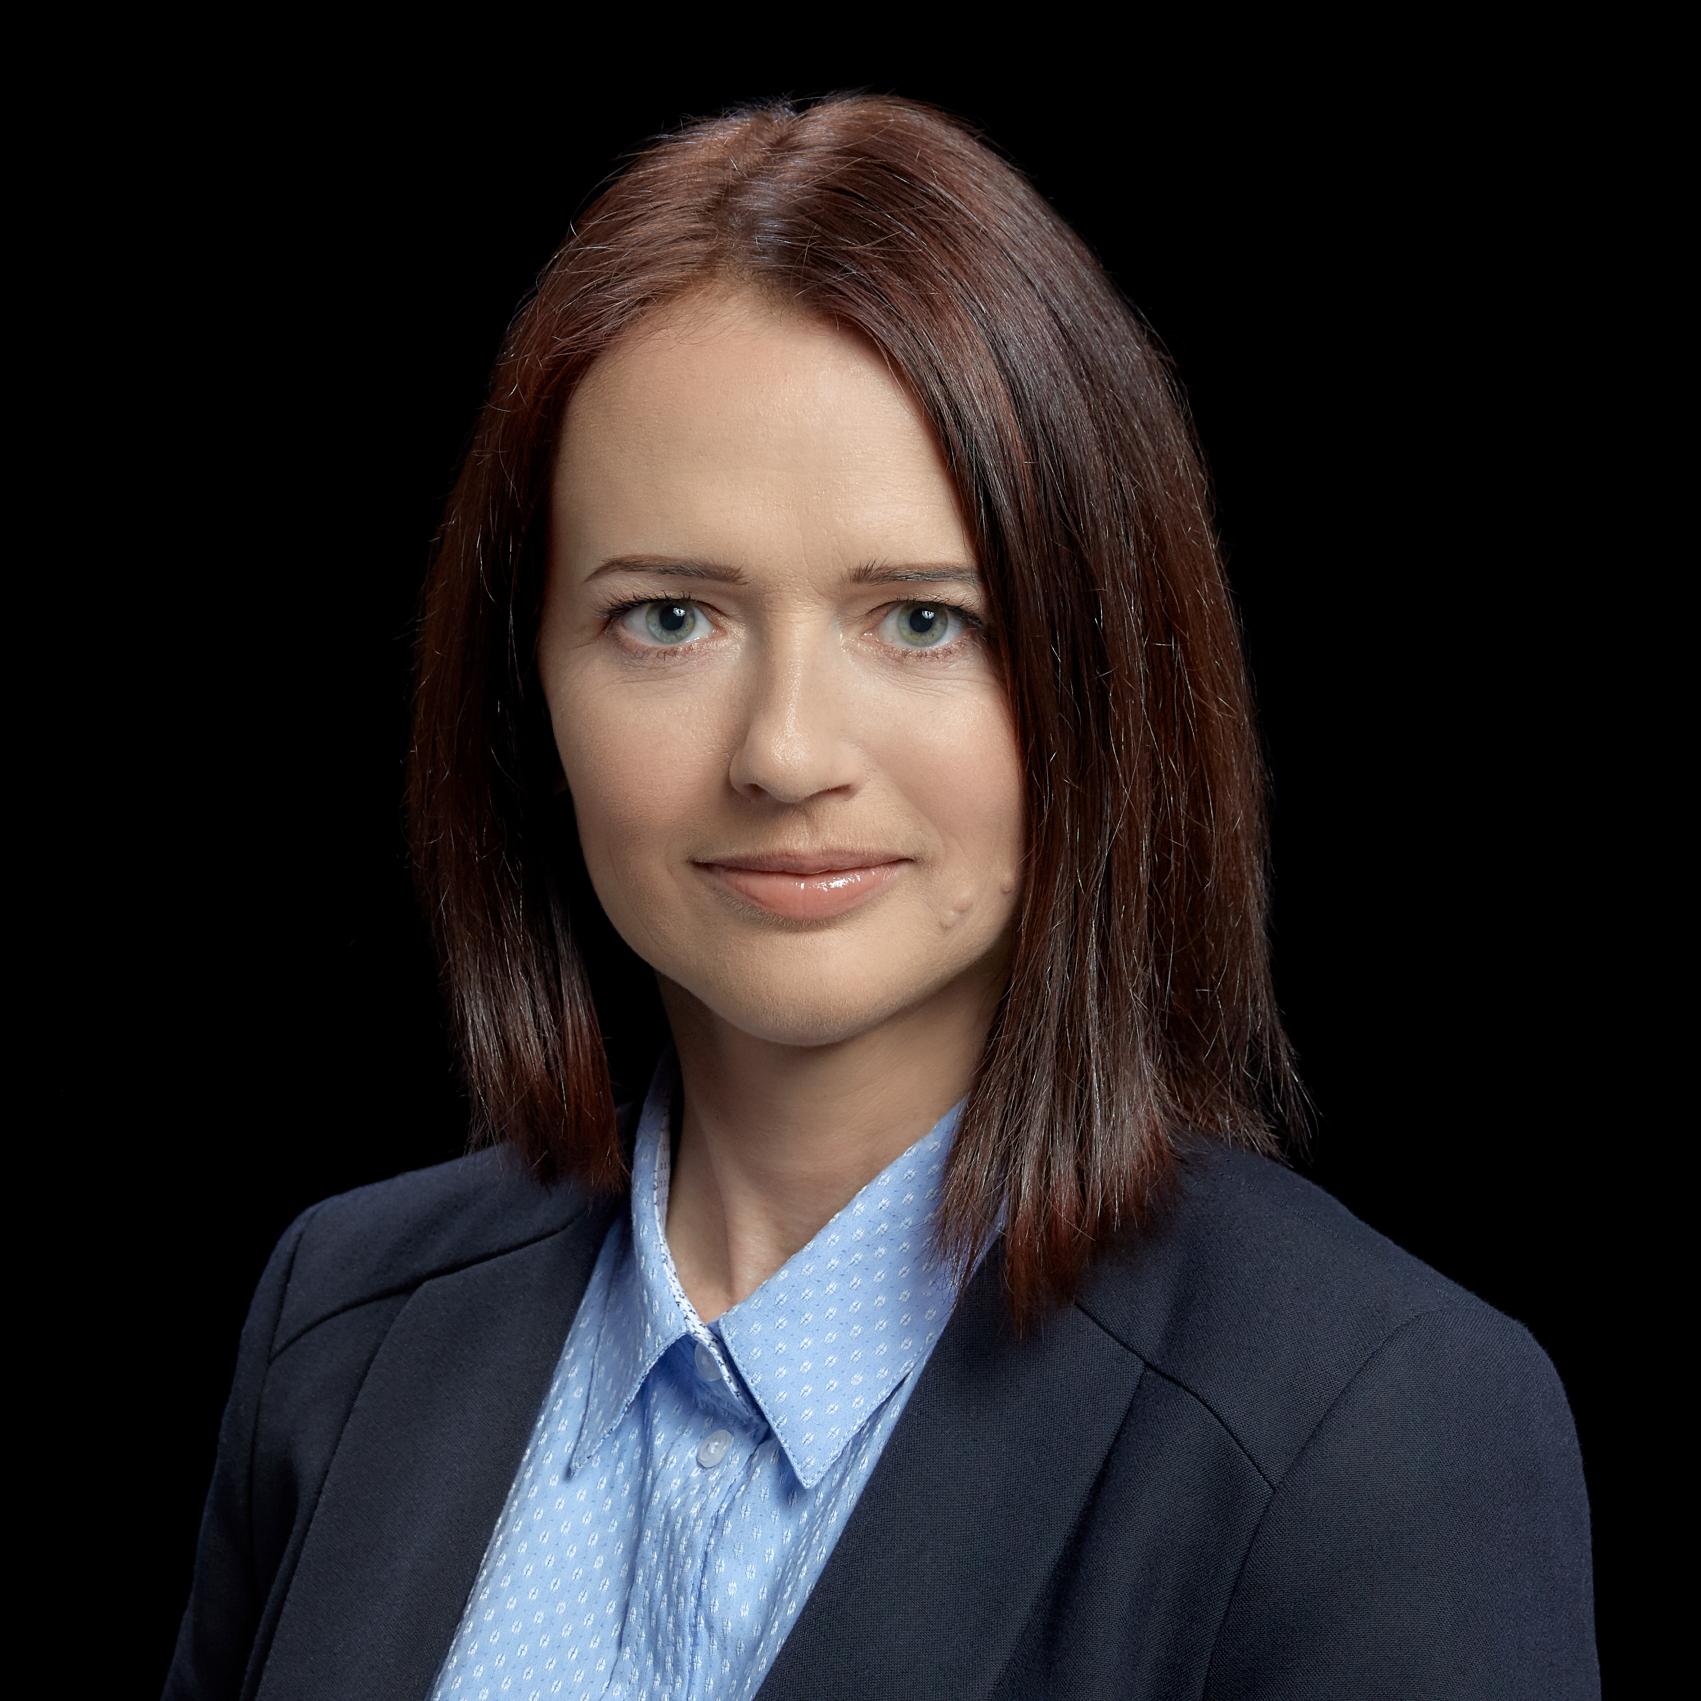 Tatjana Vavilova